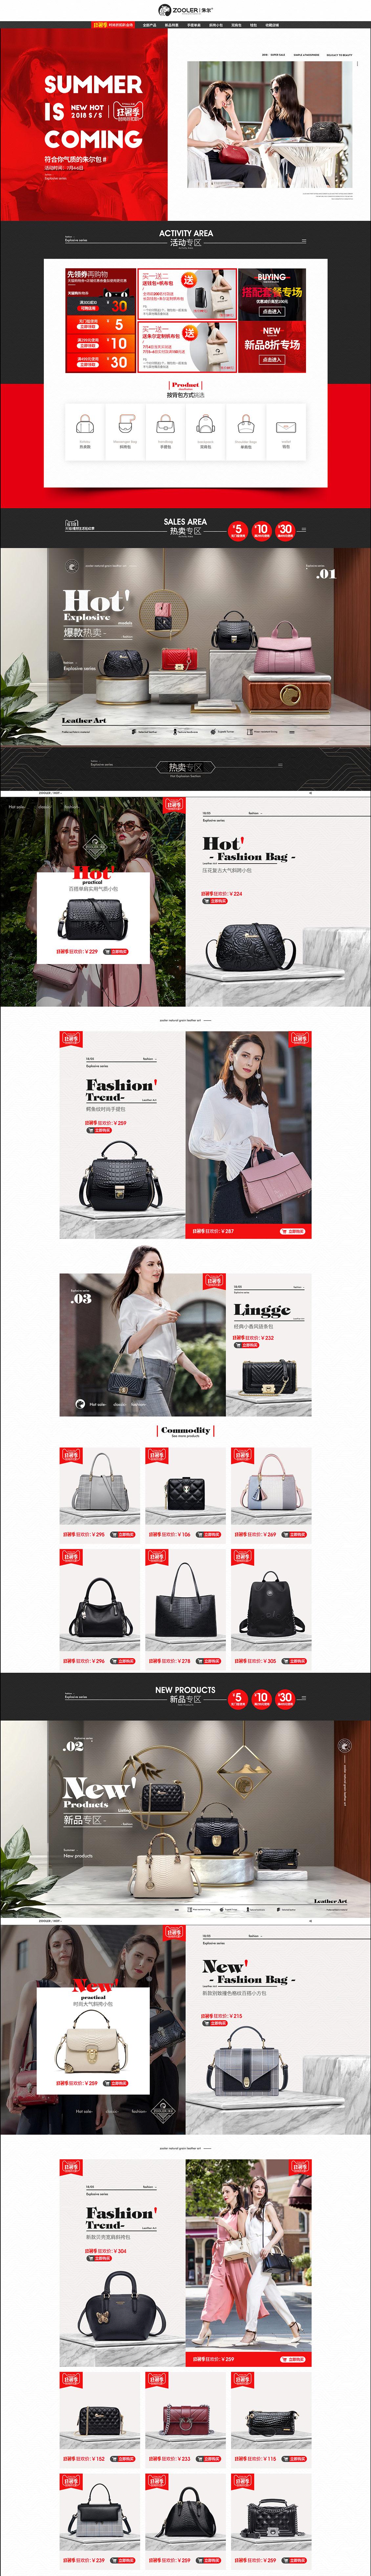 朱尔女包 包包 天猫首页 活动专题网页设计